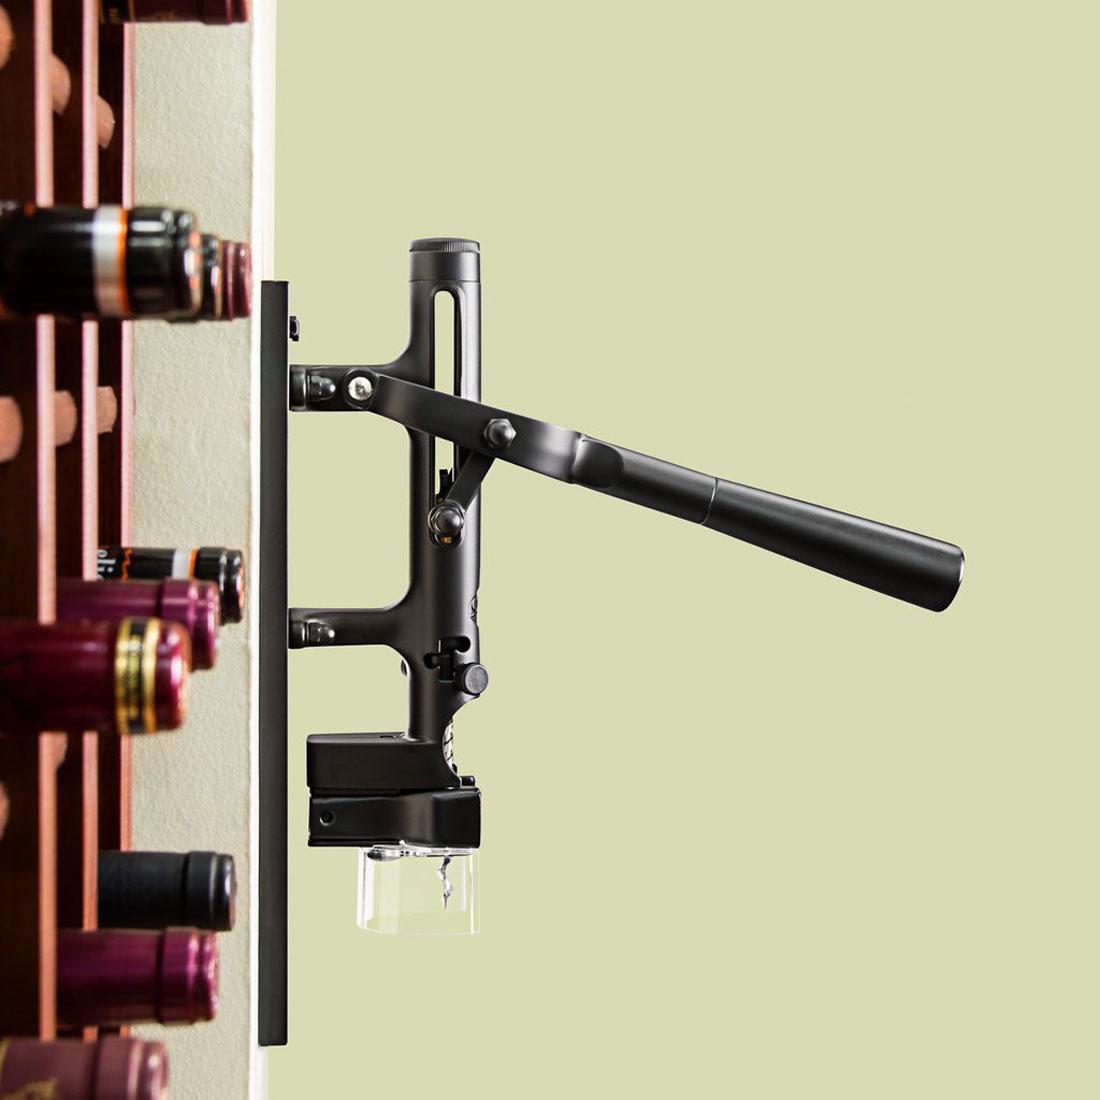 Boj Professional Wall Mounted Corkscrew Wine Bottle Opener